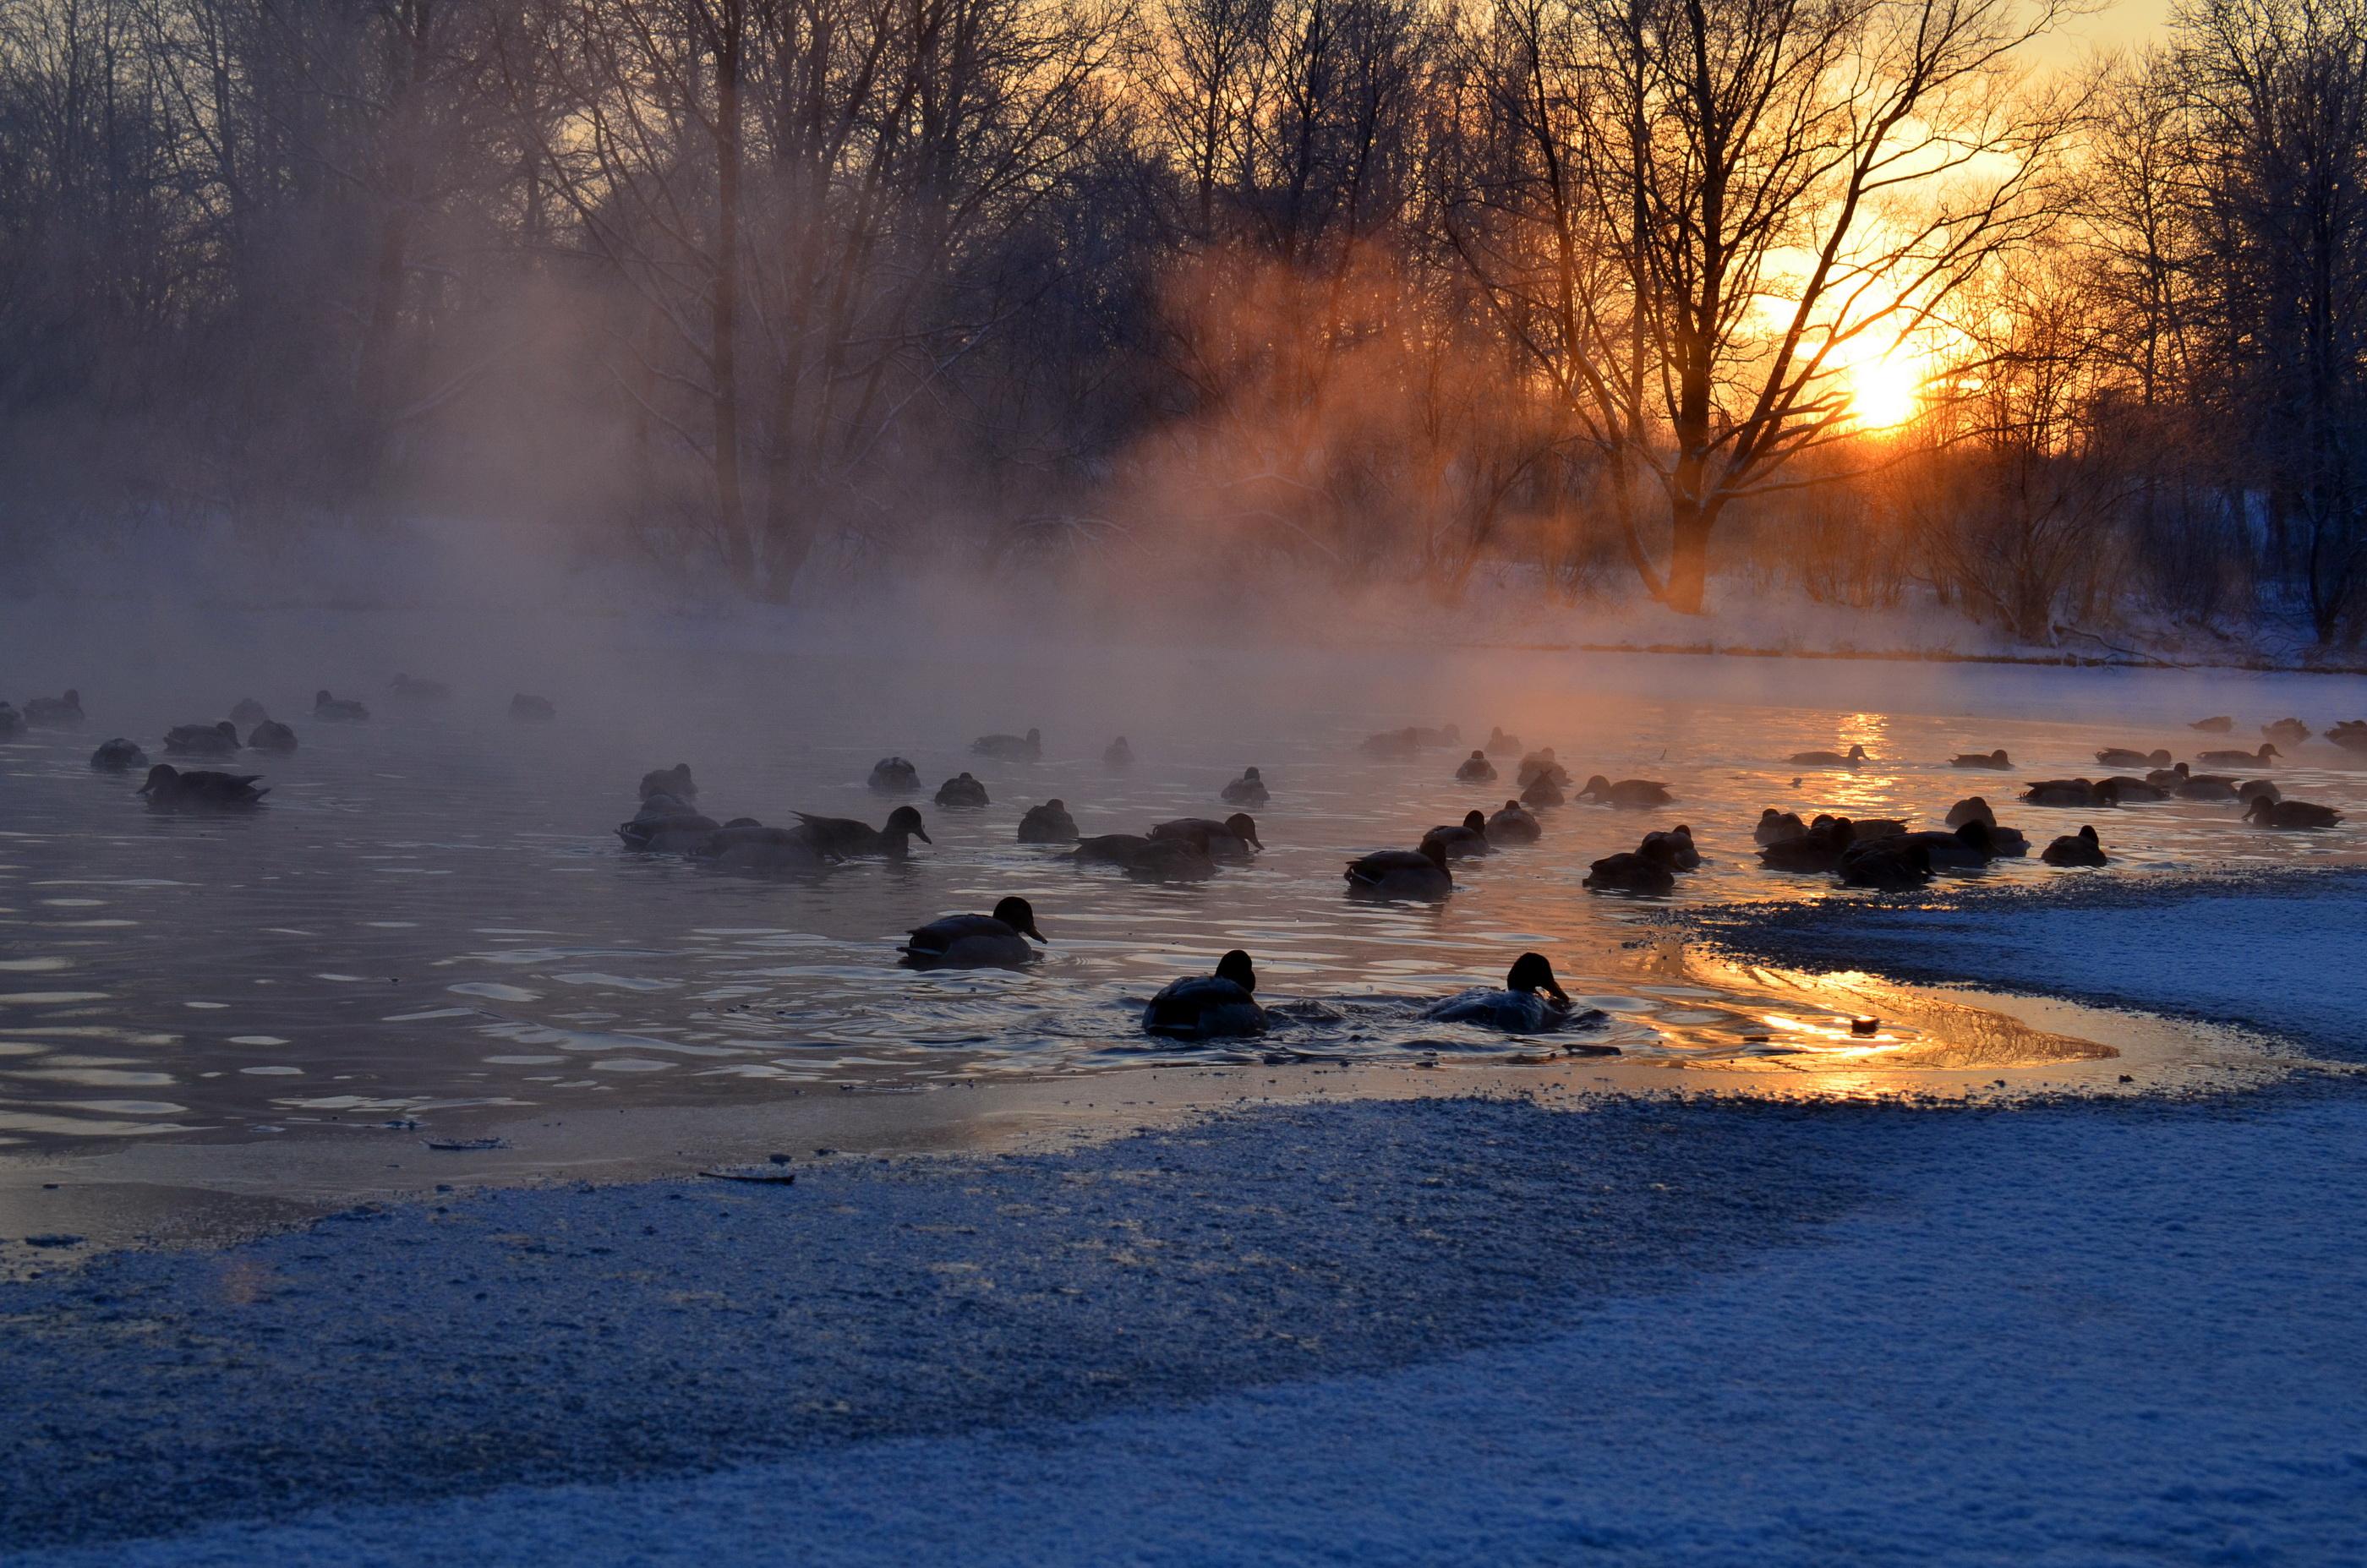 вопросы картинки полыньи на реке давних пор